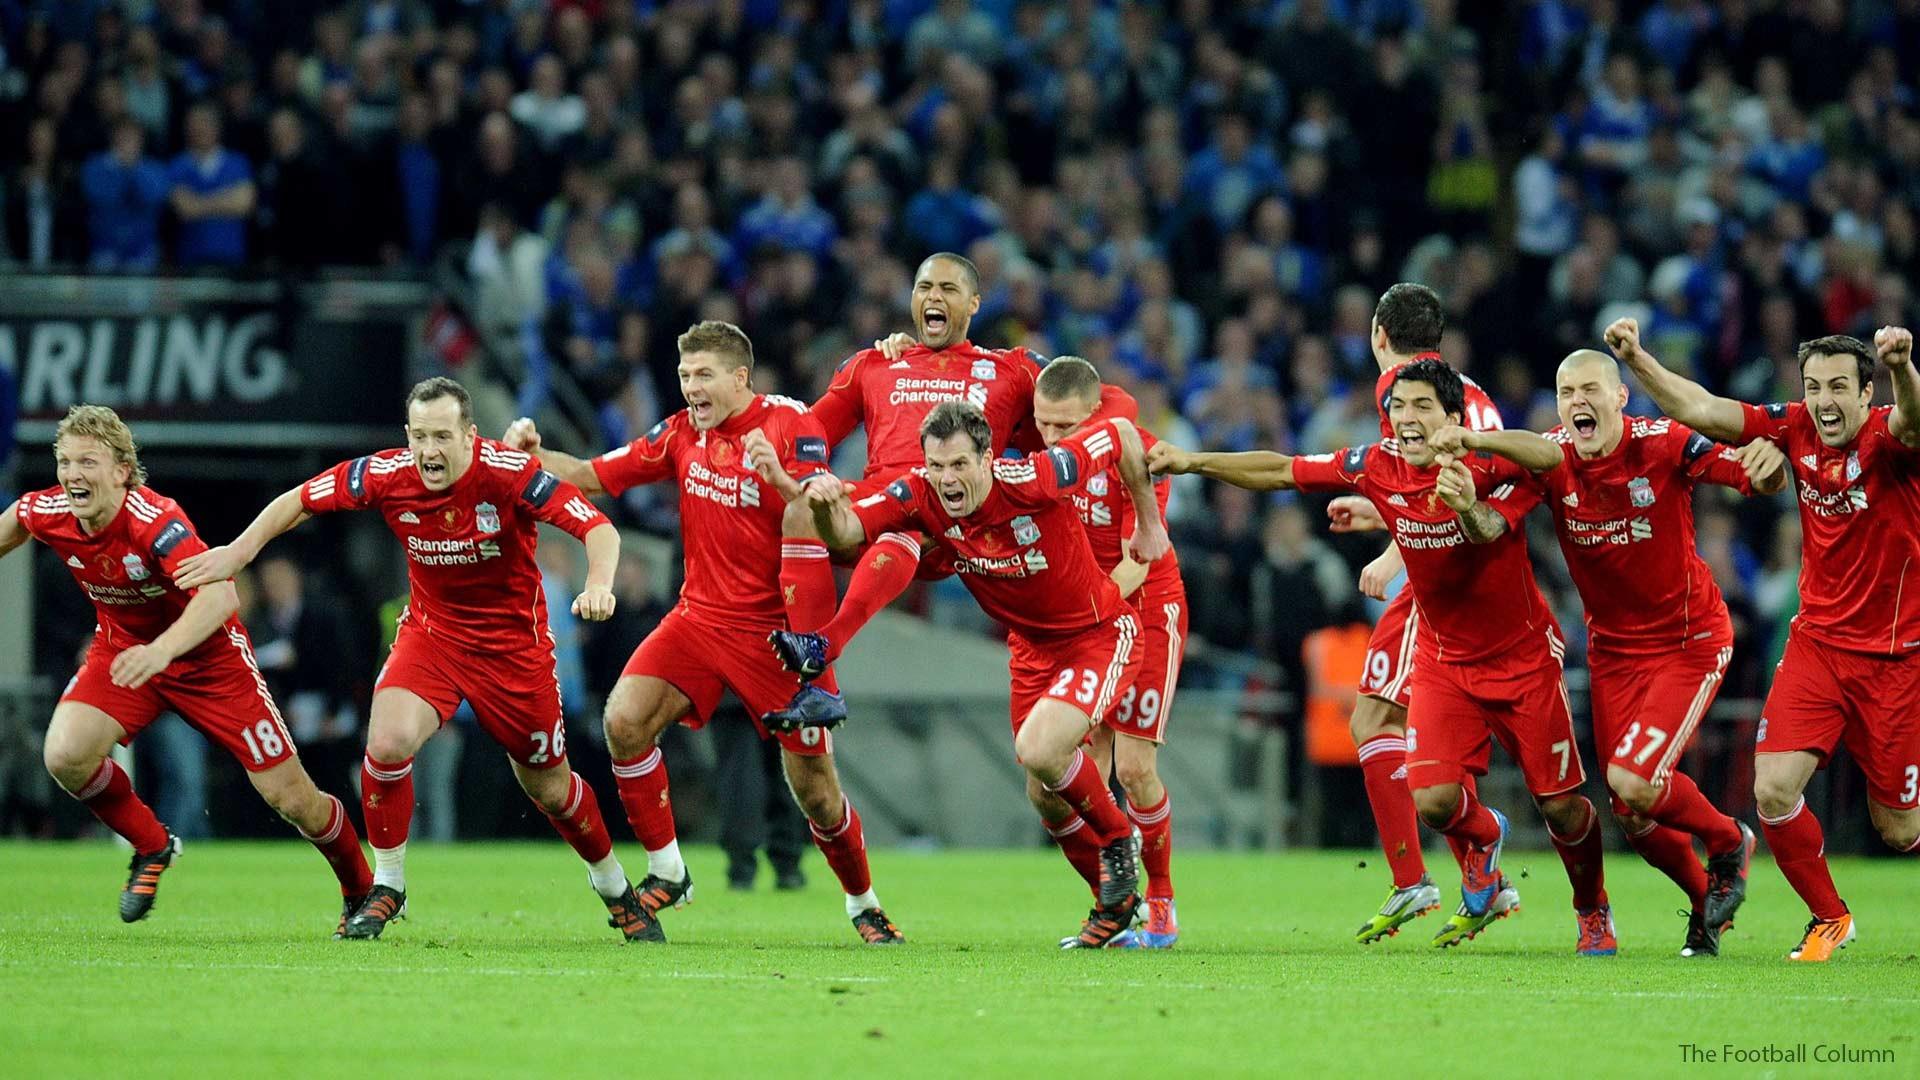 Liverpool Wallpaper https://thefootballcolumn.com/liverpool-fc-hd-